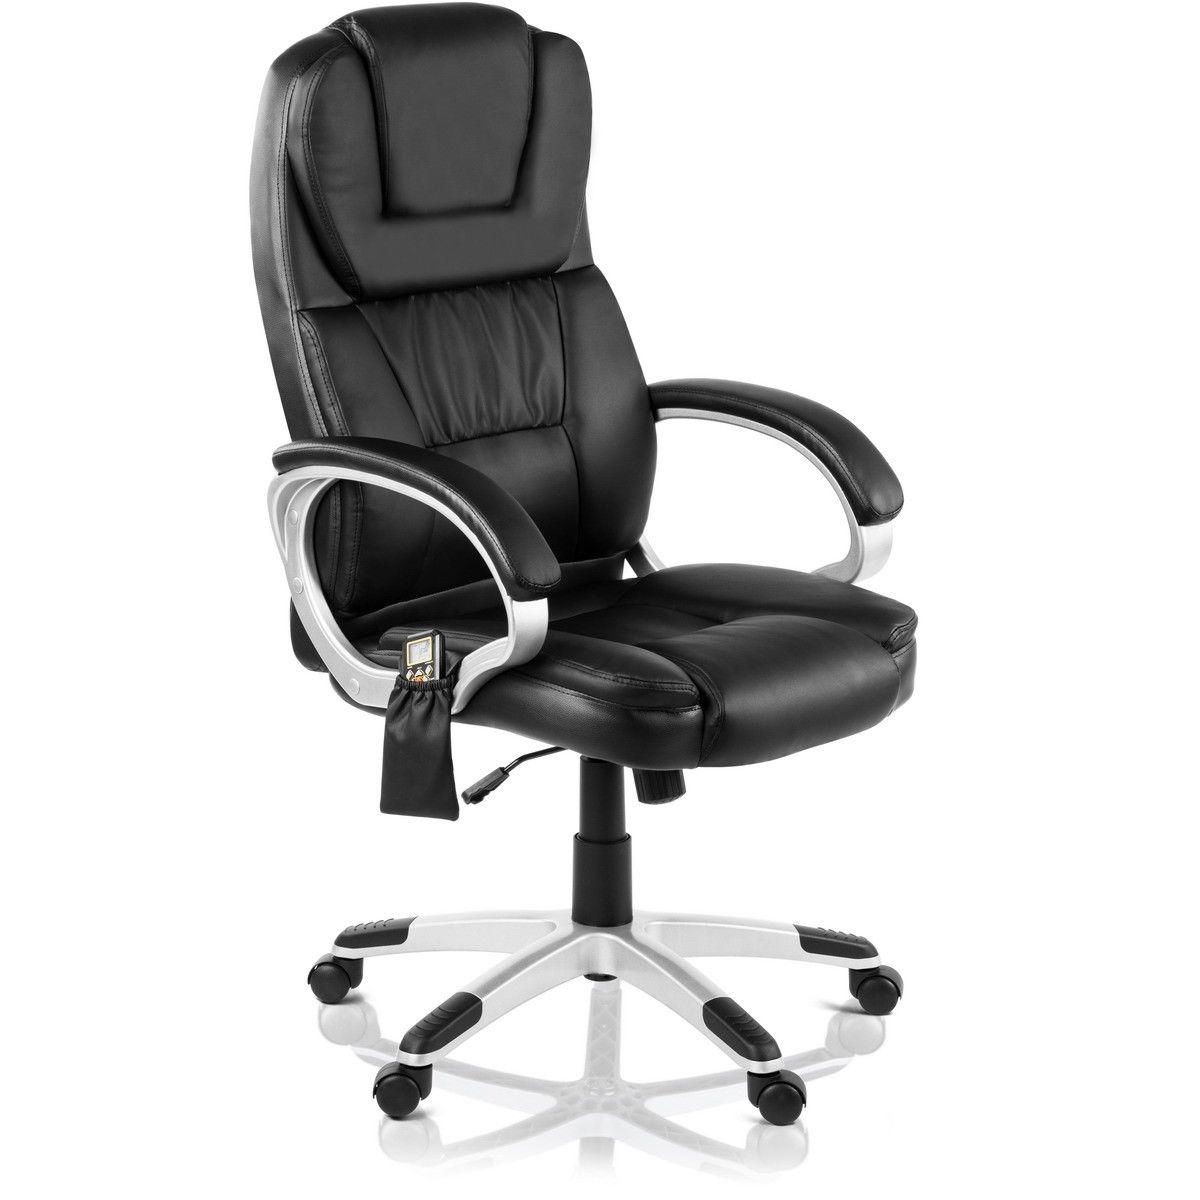 Chaise de Bureau McHaus avec Massage et Chauffage - Noir